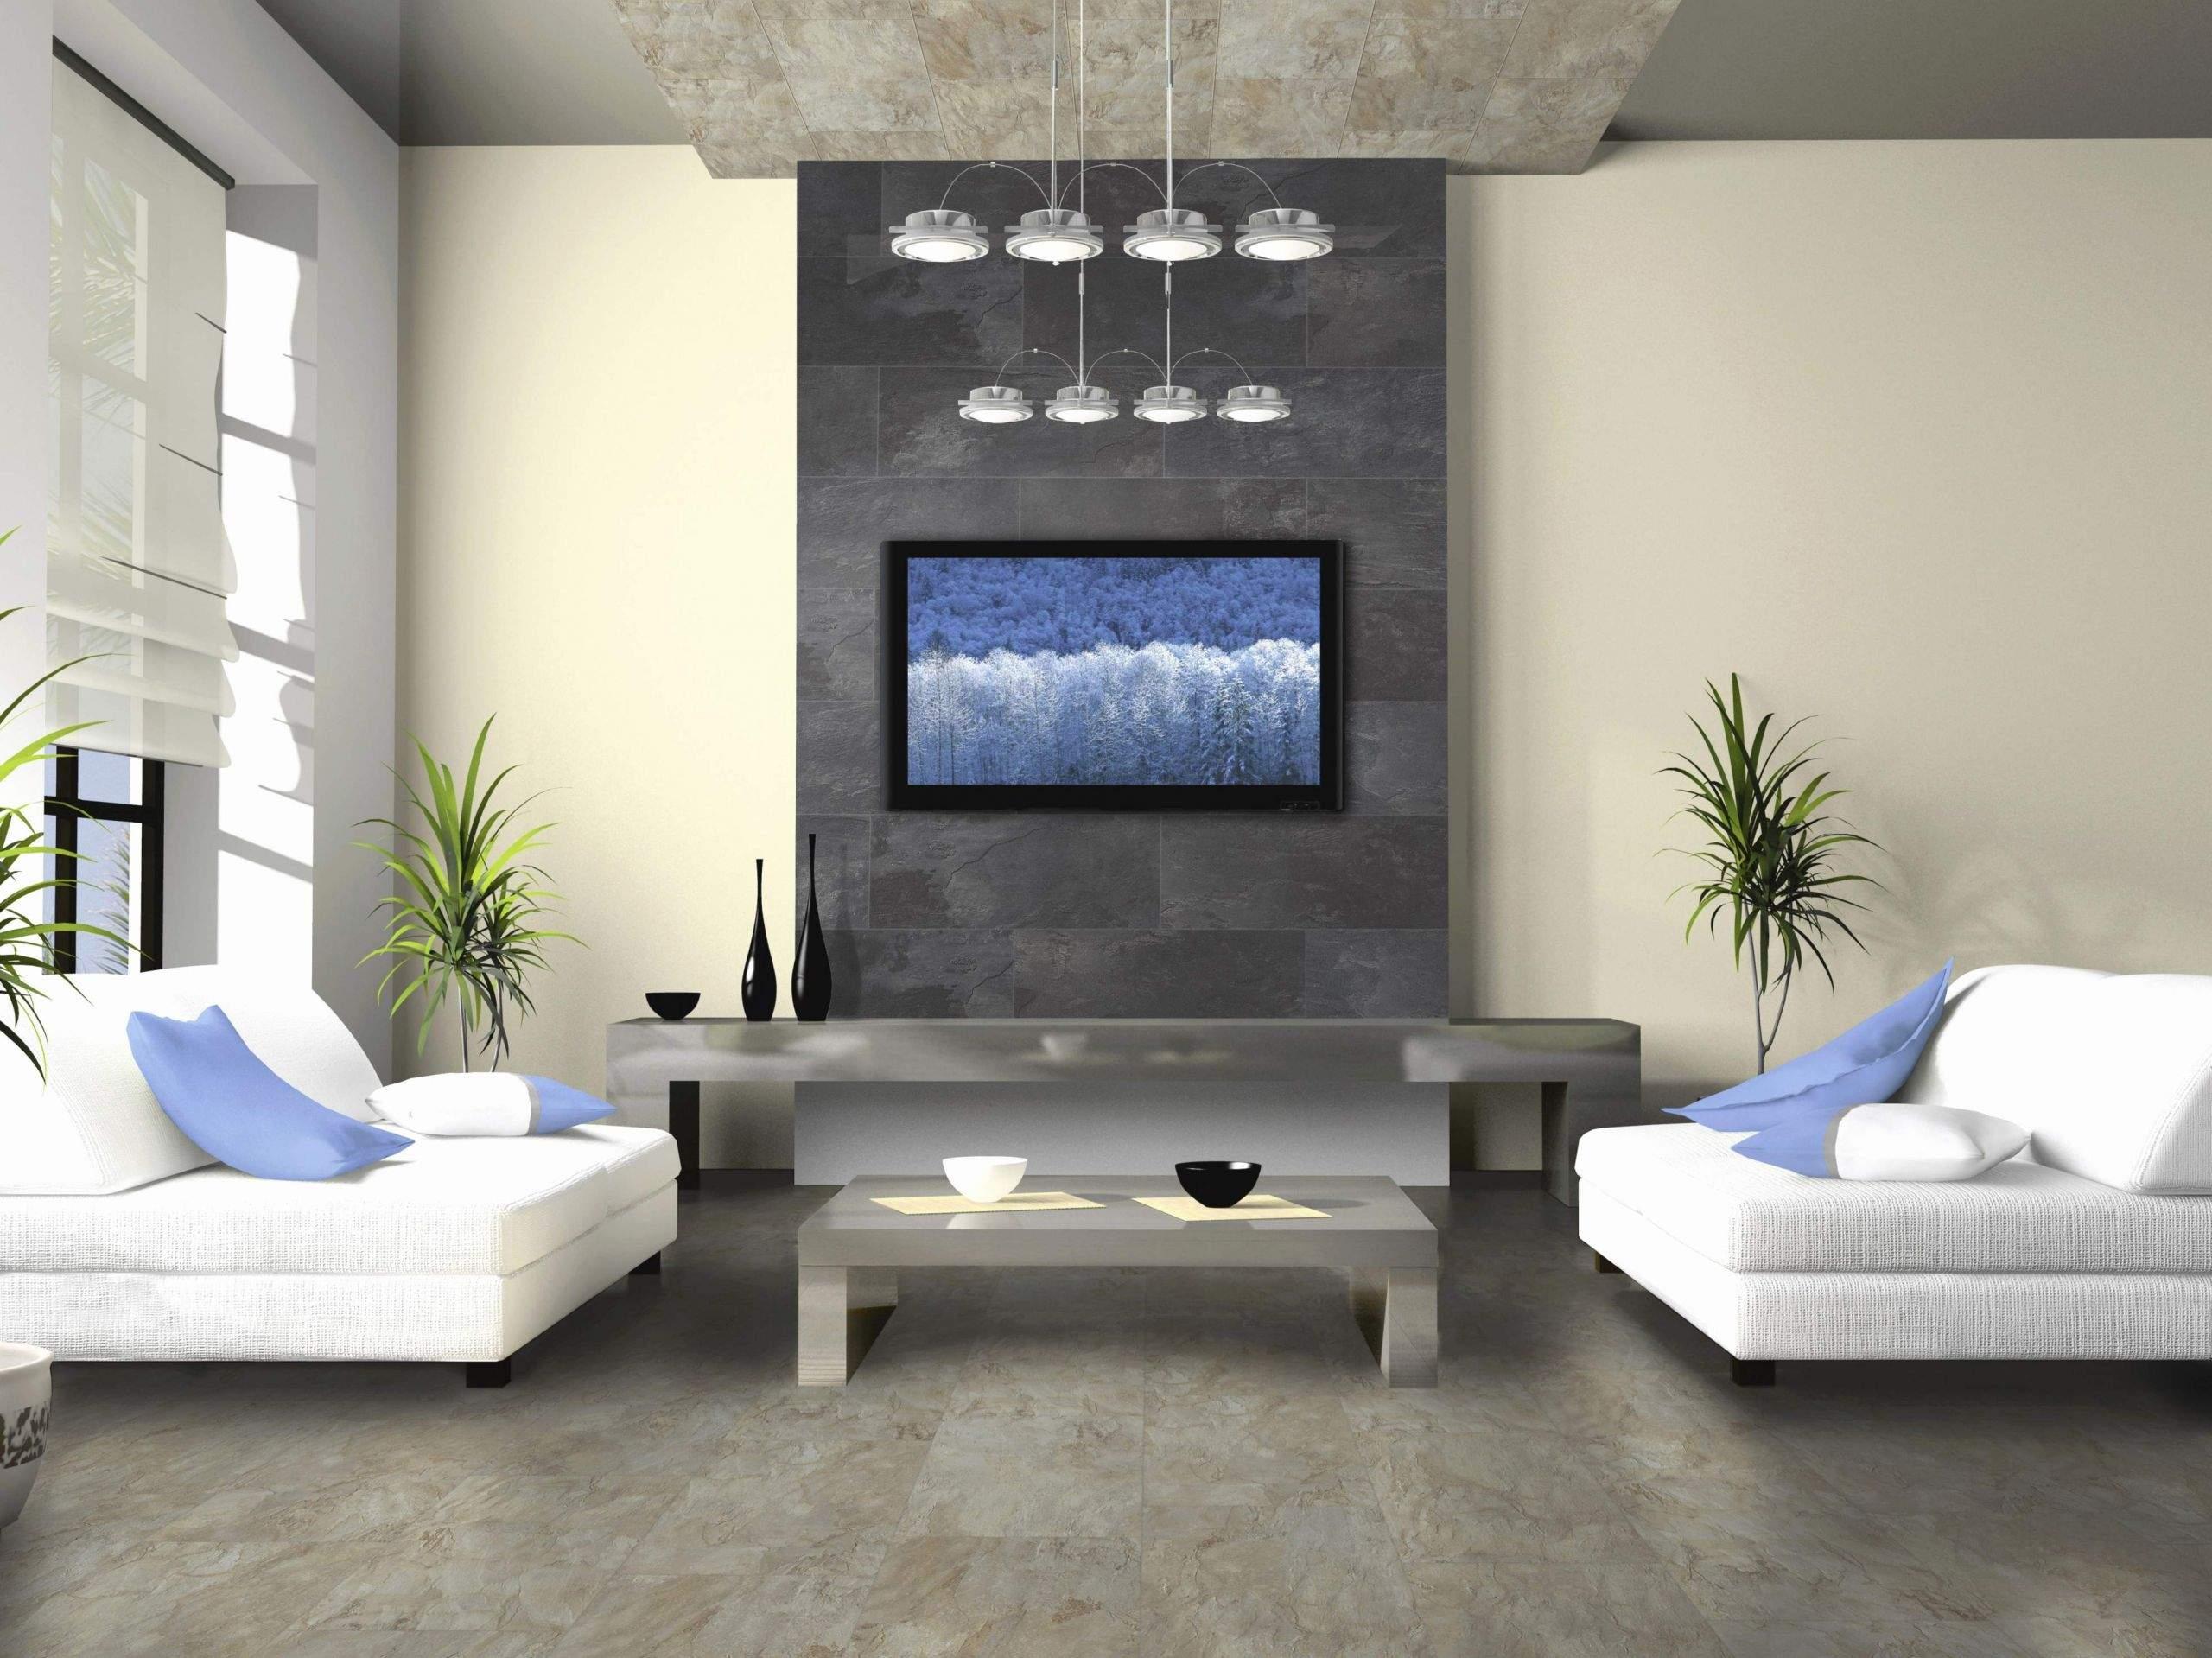 ideen wohnzimmer genial deko ideen wohnzimmerwand einzigartig wohnzimmer wand 0d of ideen wohnzimmer scaled